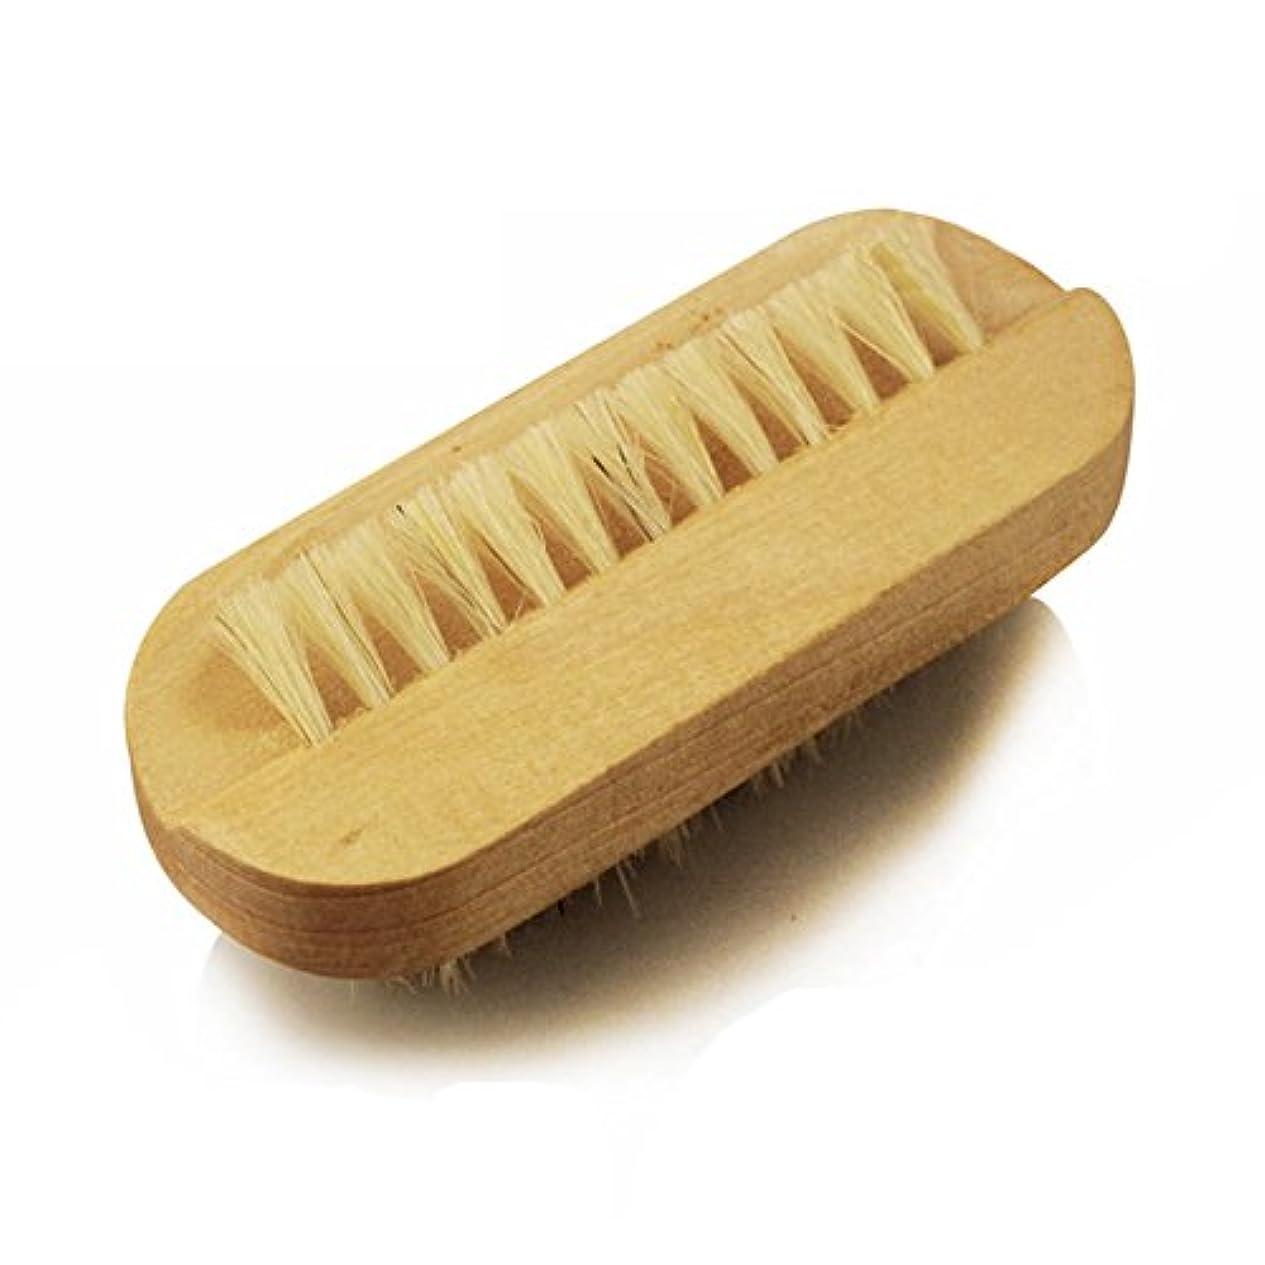 辞任スラム微視的ボディブラシ 木製ブラシ Hrph ネイルブラシ フットブラシ 足の裏ブラシ ネイルハンドブラシ 手洗いブラシ 爪ブラシ 木柄ブラシ 豚毛ブラシ マッサージャー セルライト除去 角質除去